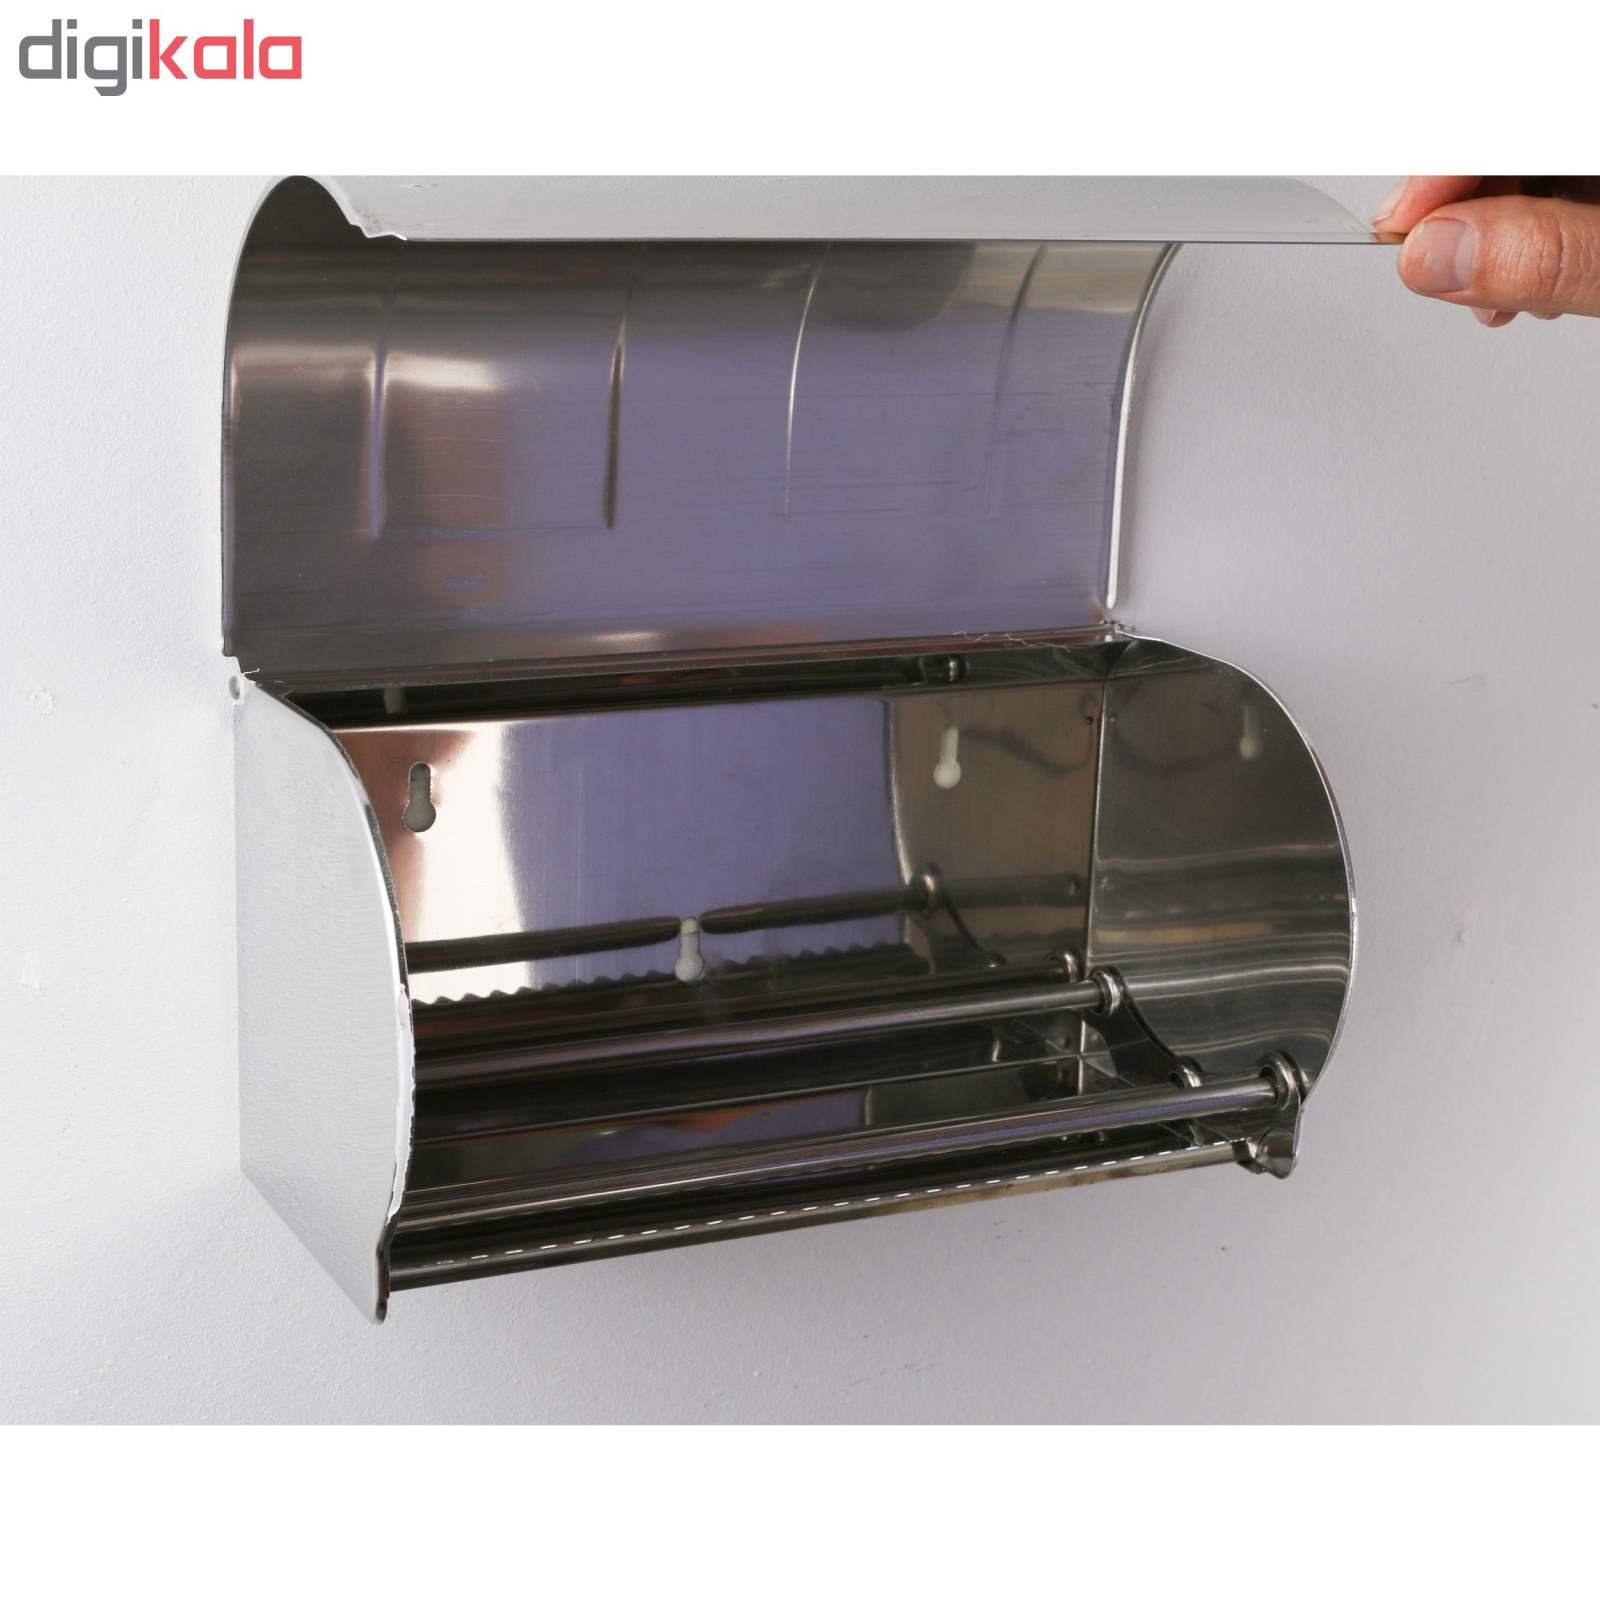 پایه رول دستمال کاغذی دلفین مدل K18-C main 1 5